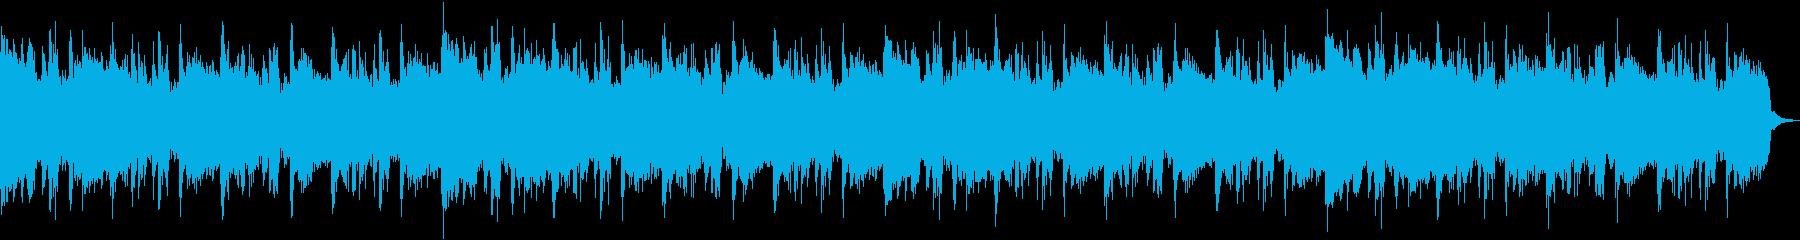 重厚なギターサウンドのロック/インストの再生済みの波形